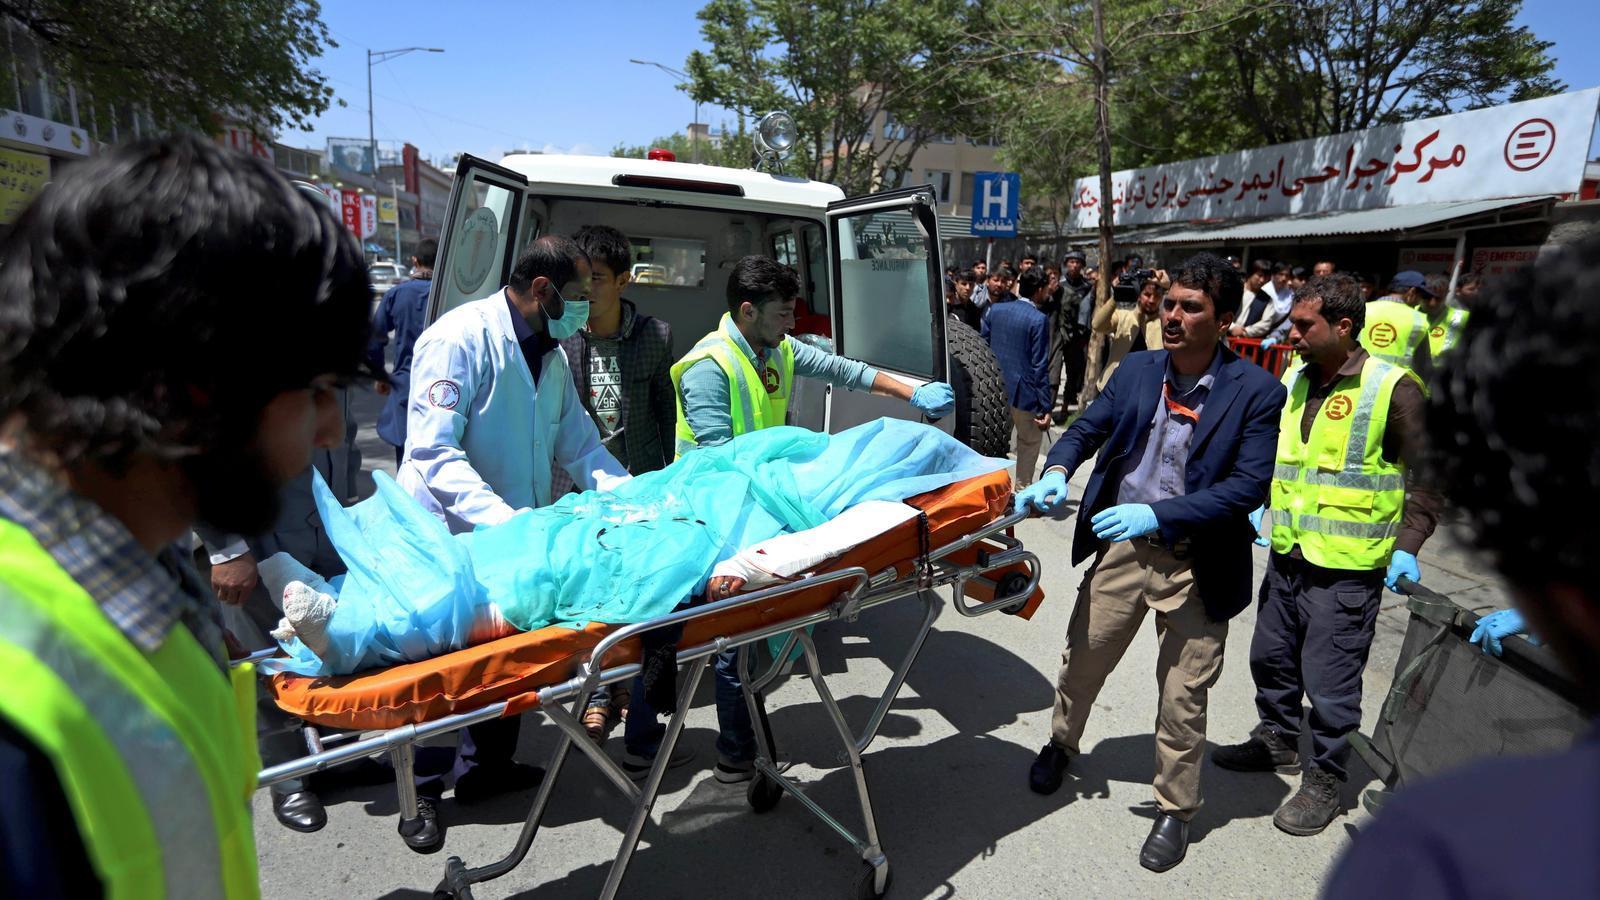 Els serveis d'emergències socorren les víctimes de l'atemptat d'Estat Islàmic a Kabul